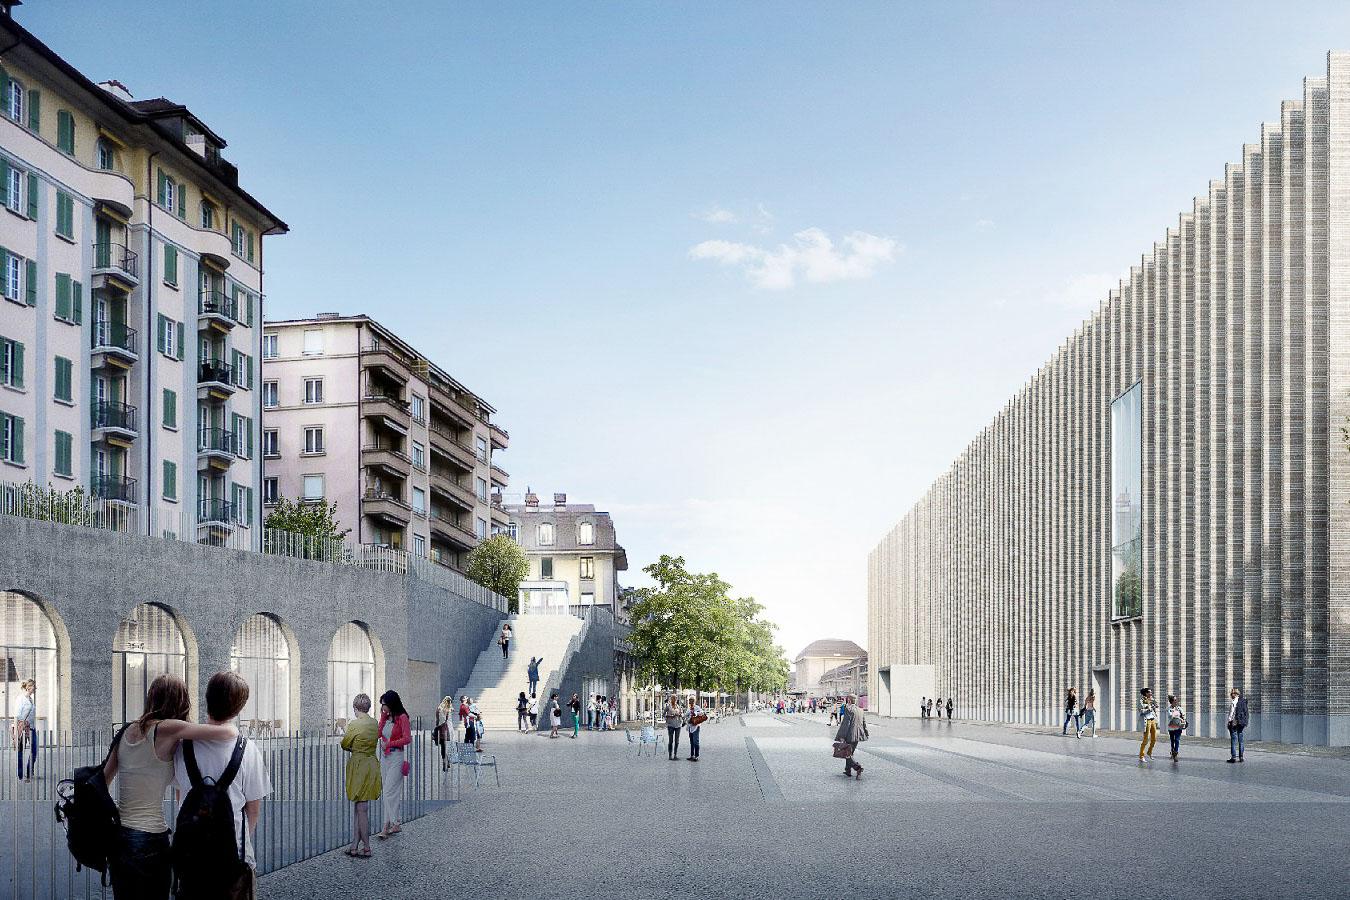 Si l'on connaît surtout Lausanne pour sa situation privilégiée sur les rives du lac Léman, la métropole romande impressionne par la richesse de son paysage culturel, marquée par l'inauguration récente de Plateforme 10. Une destination arty européenne de plus en plus attractive, à seulement 3h40 de Paris en train avec TGV Lyria.